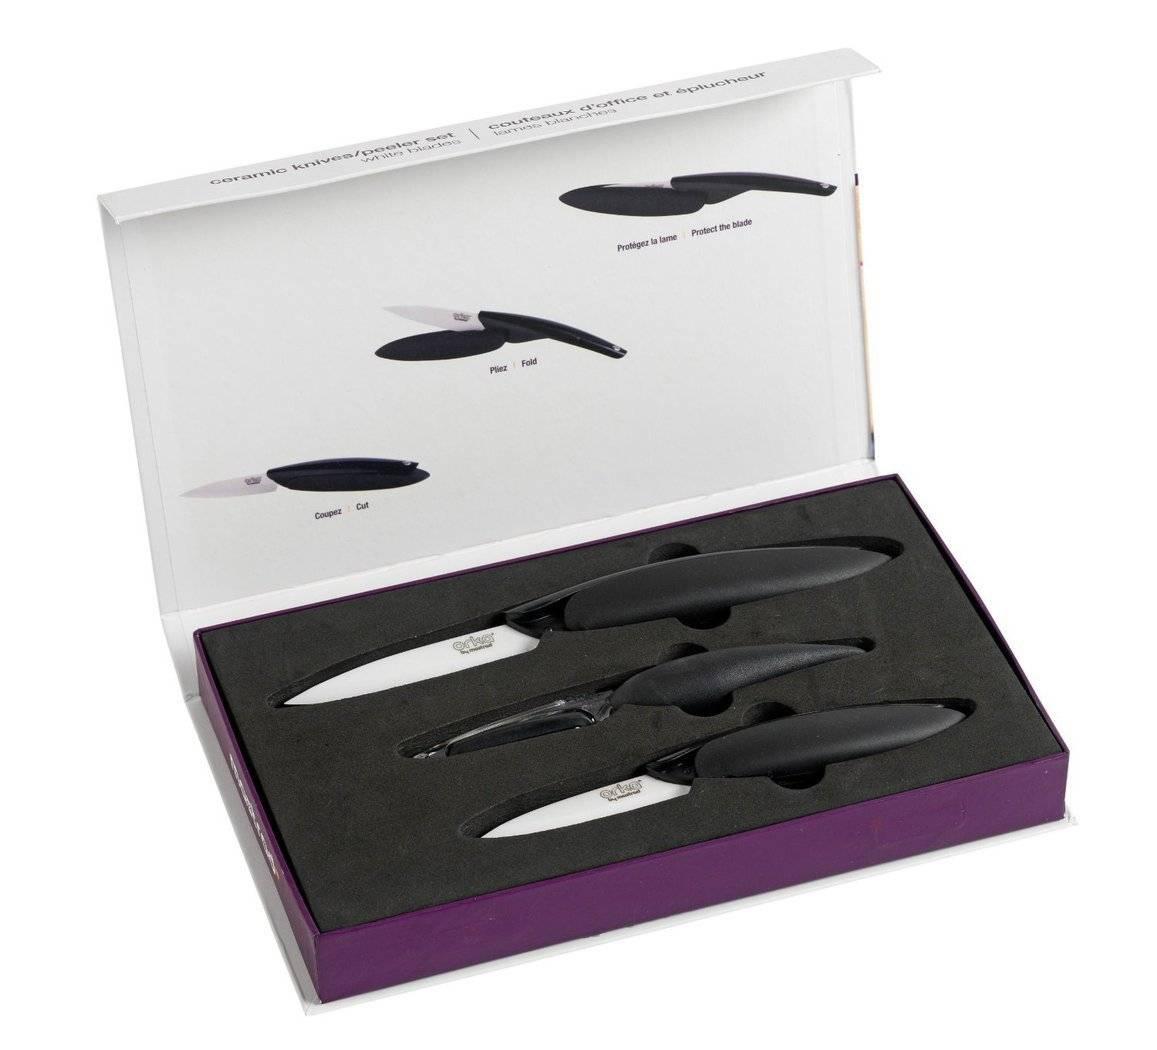 Keramické nože a škrabka Mastrad bílá - Mastrad